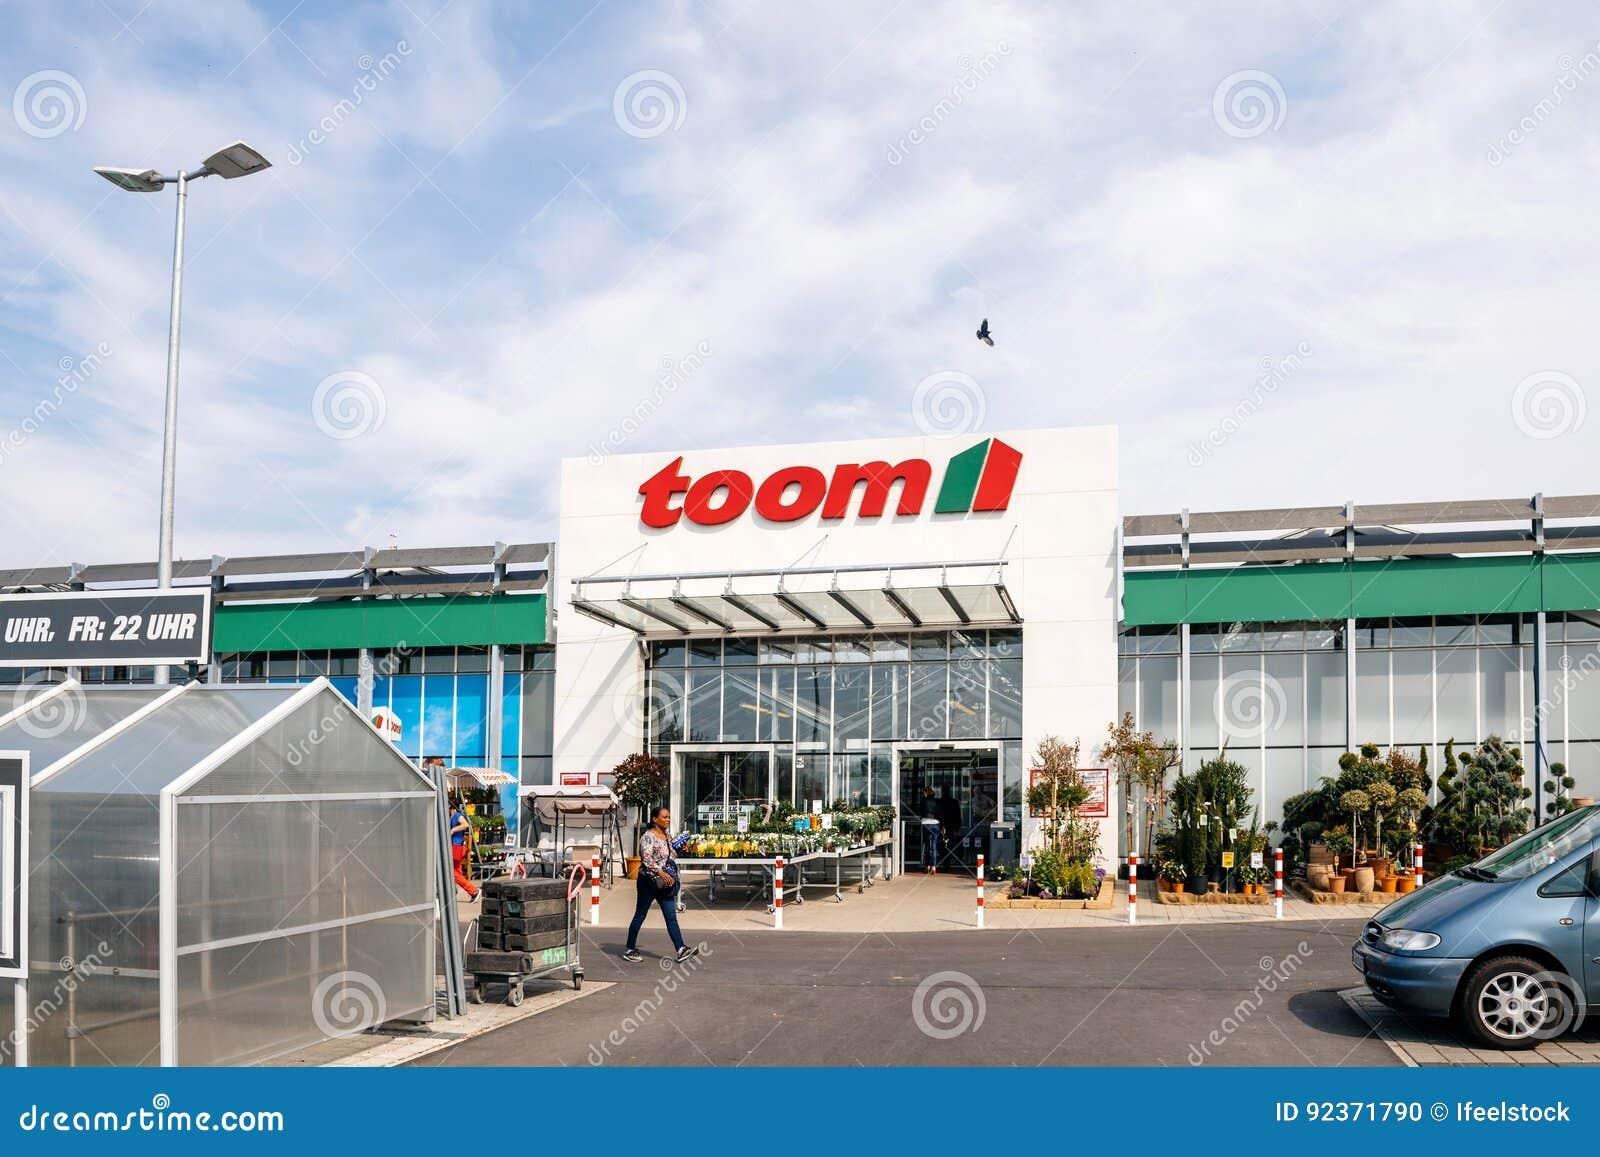 entrace toom baumarkt fassade mit kunden redaktionelles bild - bild